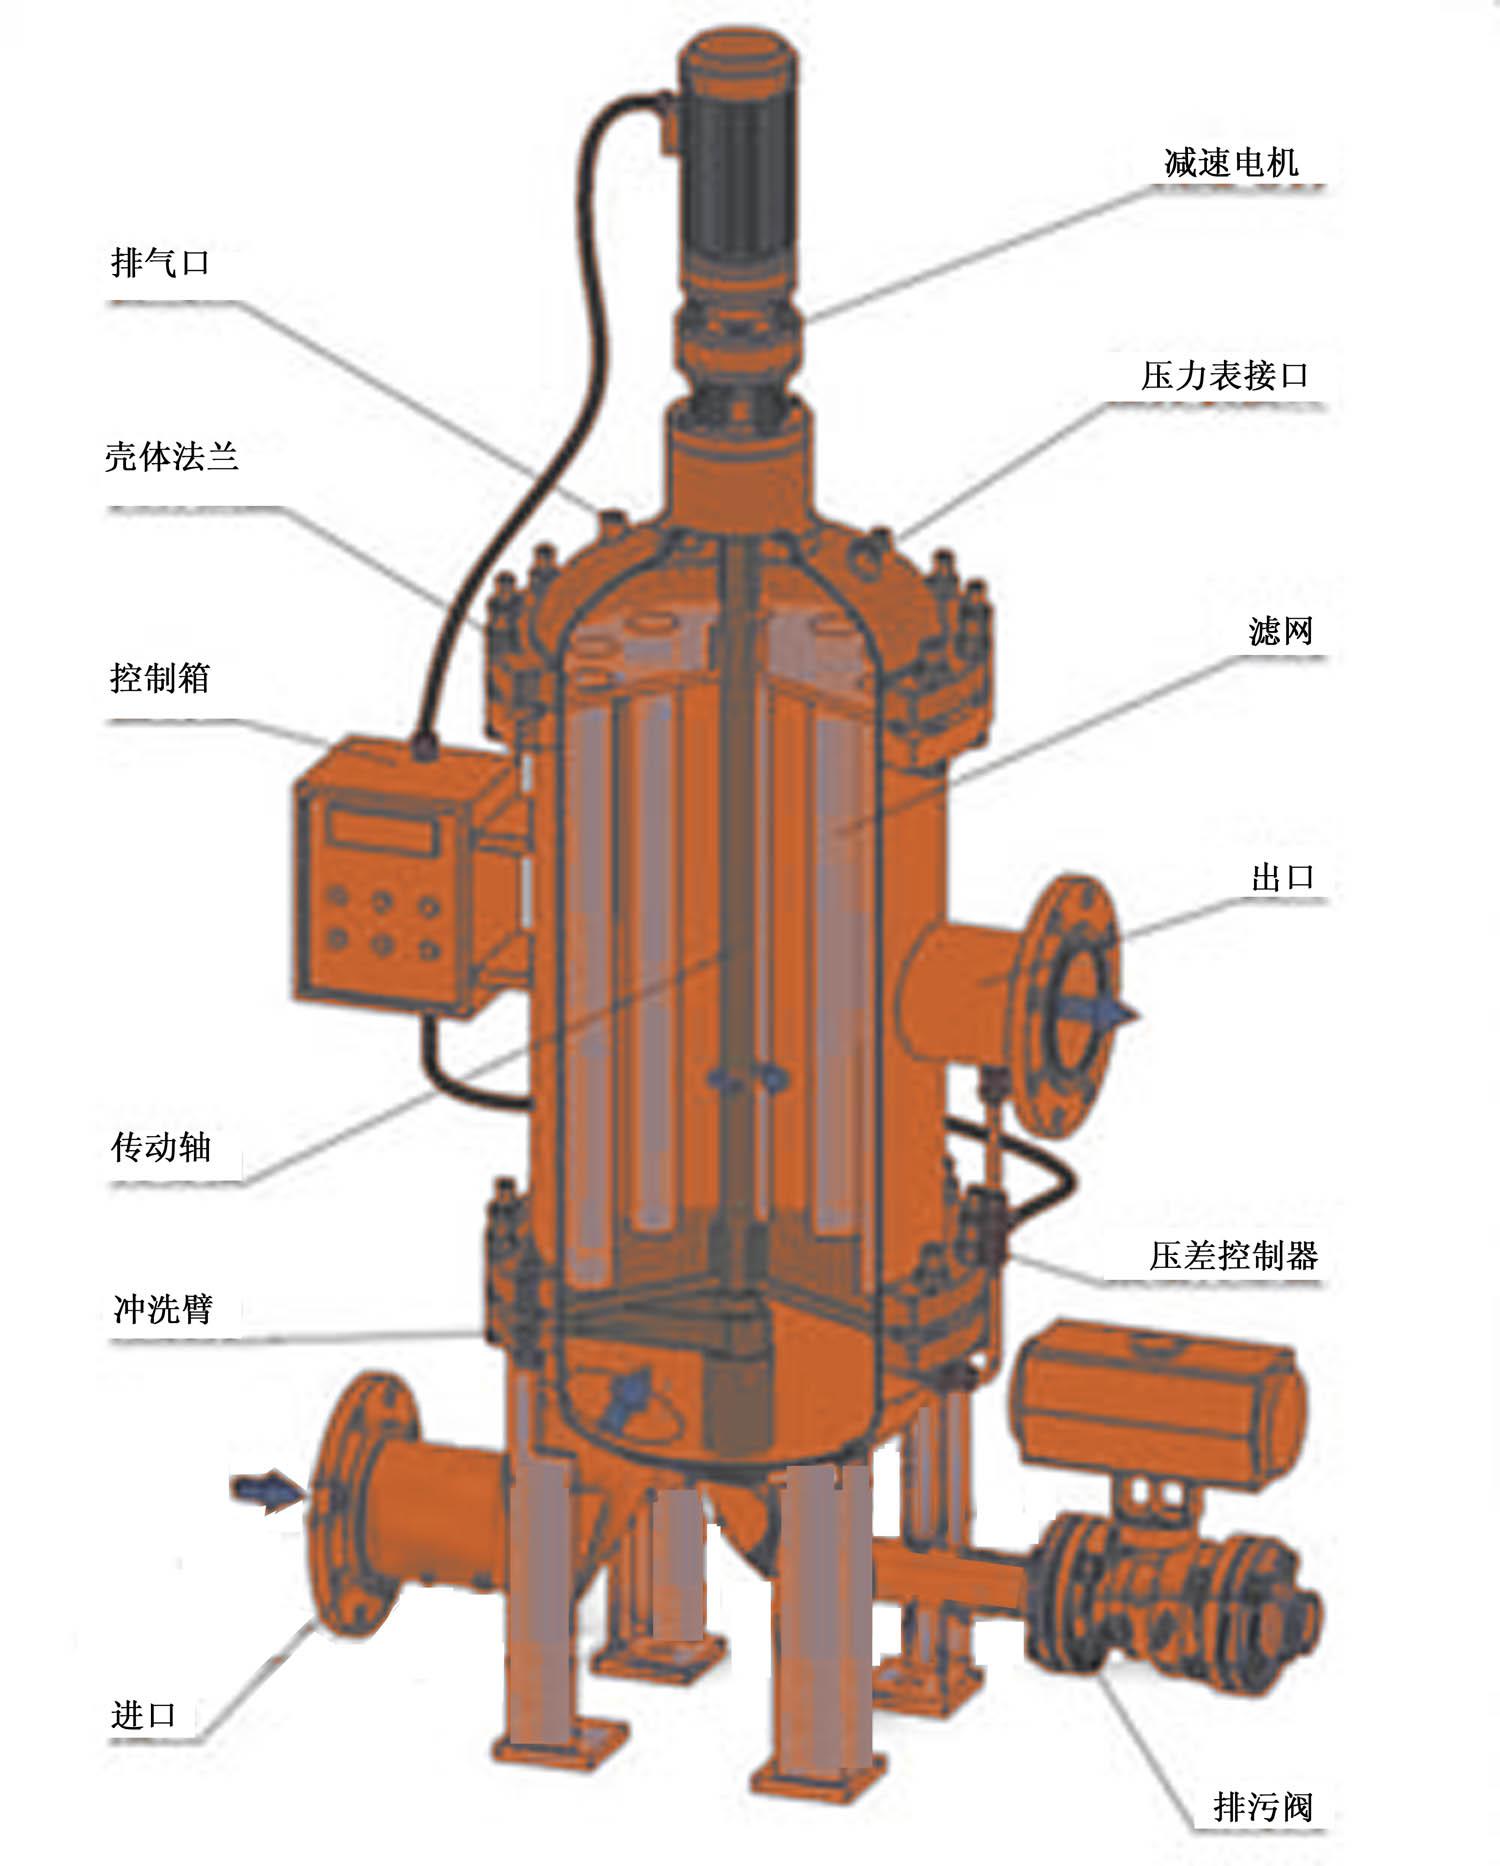 全自動反衝洗過濾器結構示意圖